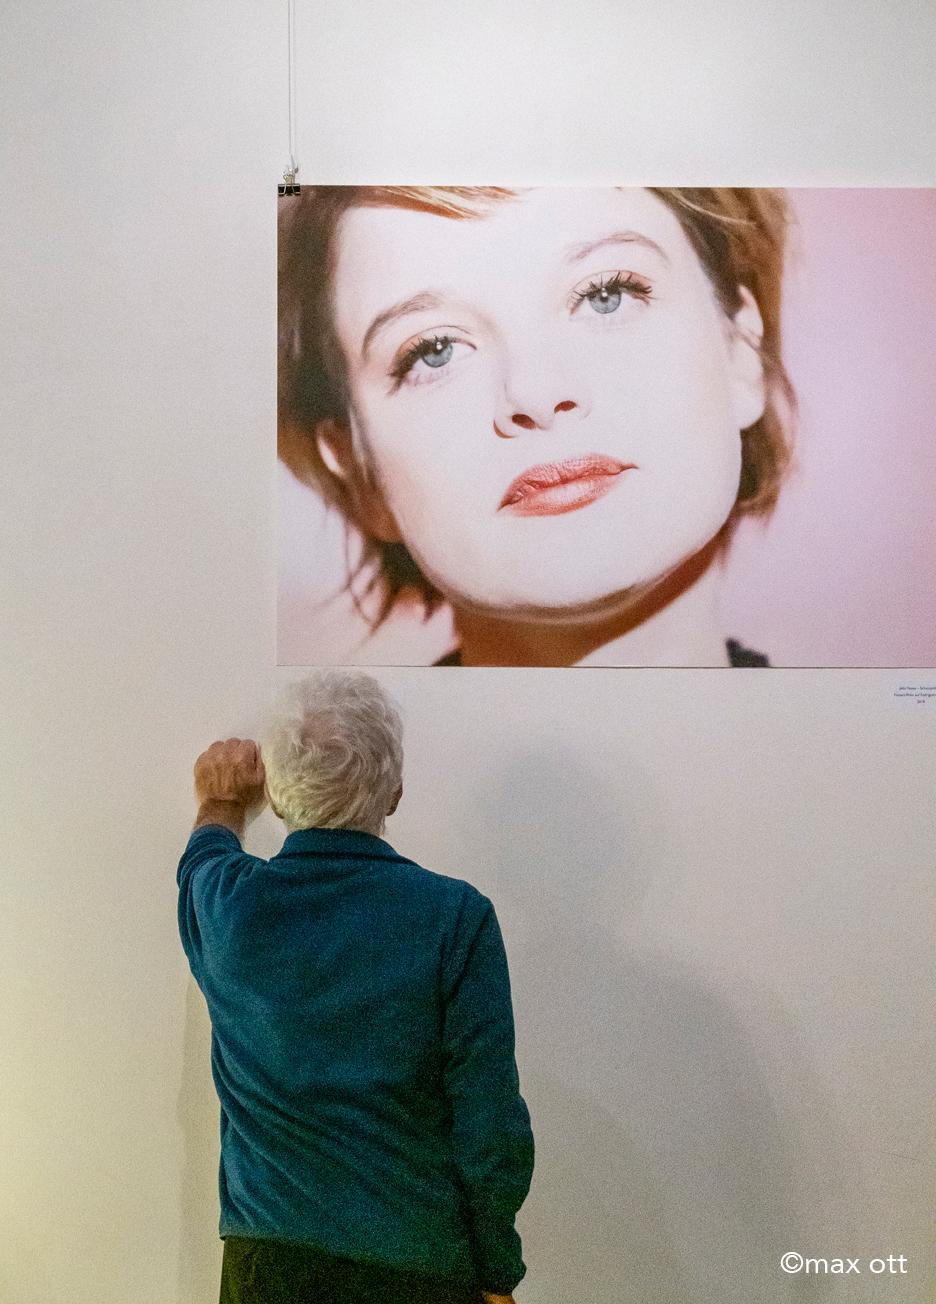 Vernissage 'SINCERITY -behind the Image' der Fotografin Susanne Krauss in der Pasinger Fabrik im Dezember 2018 in München.